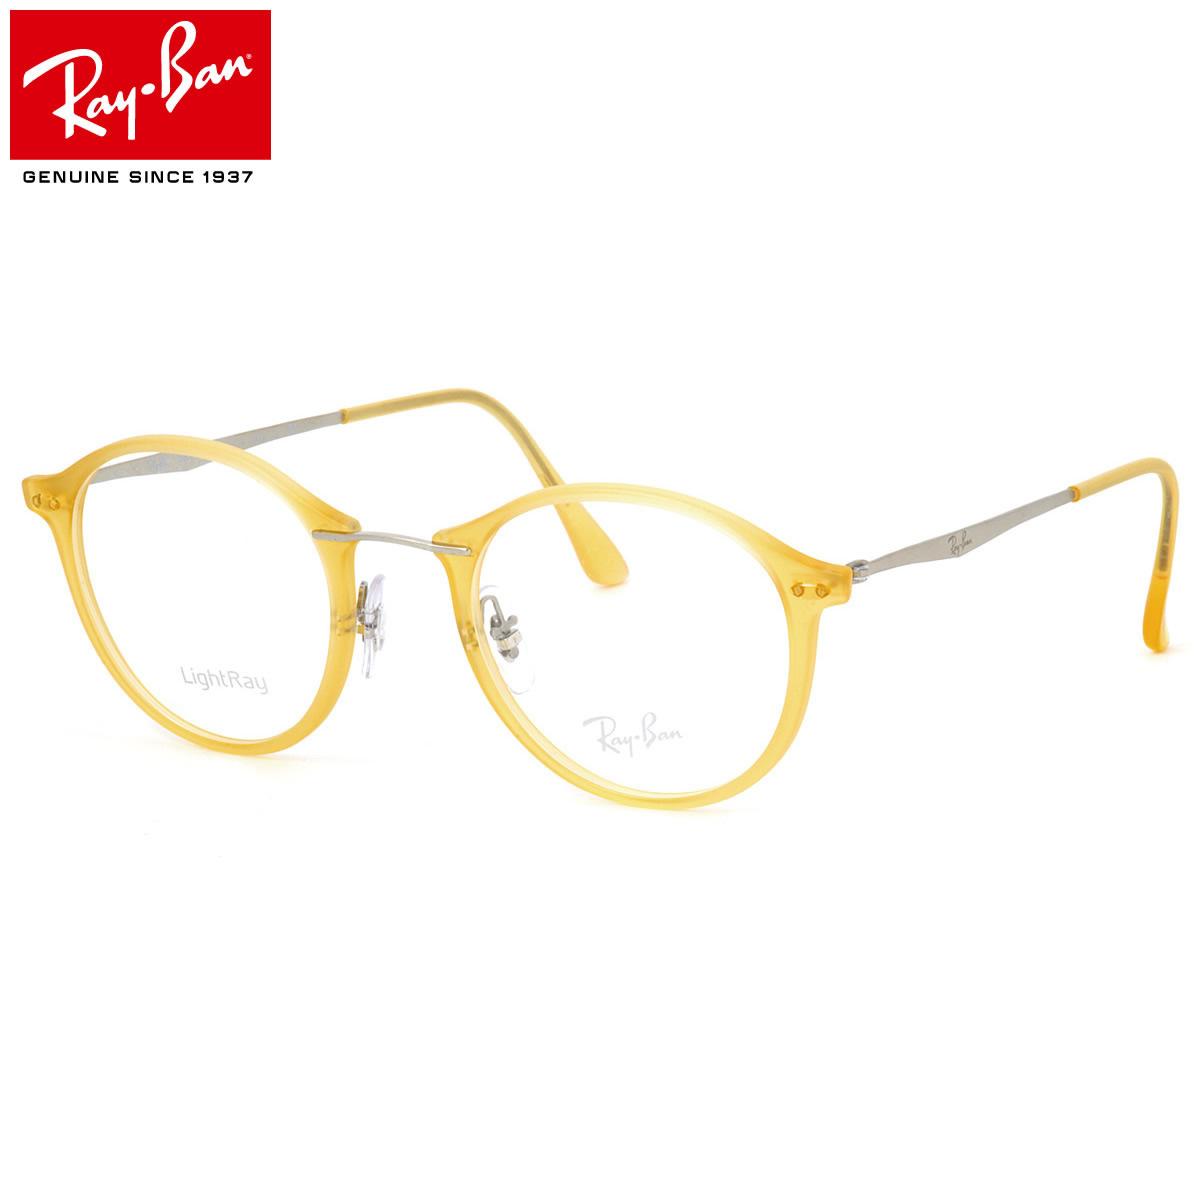 【10月30日からエントリーで全品ポイント20倍】レイバン テック ライトレイ メガネ フレーム Ray-Ban RX7073 5589 47サイズ ラウンド 丸メガネ フレーム ROUND レイバン RAYBAN TECH ROUND LIGHT RAY メンズ レディース